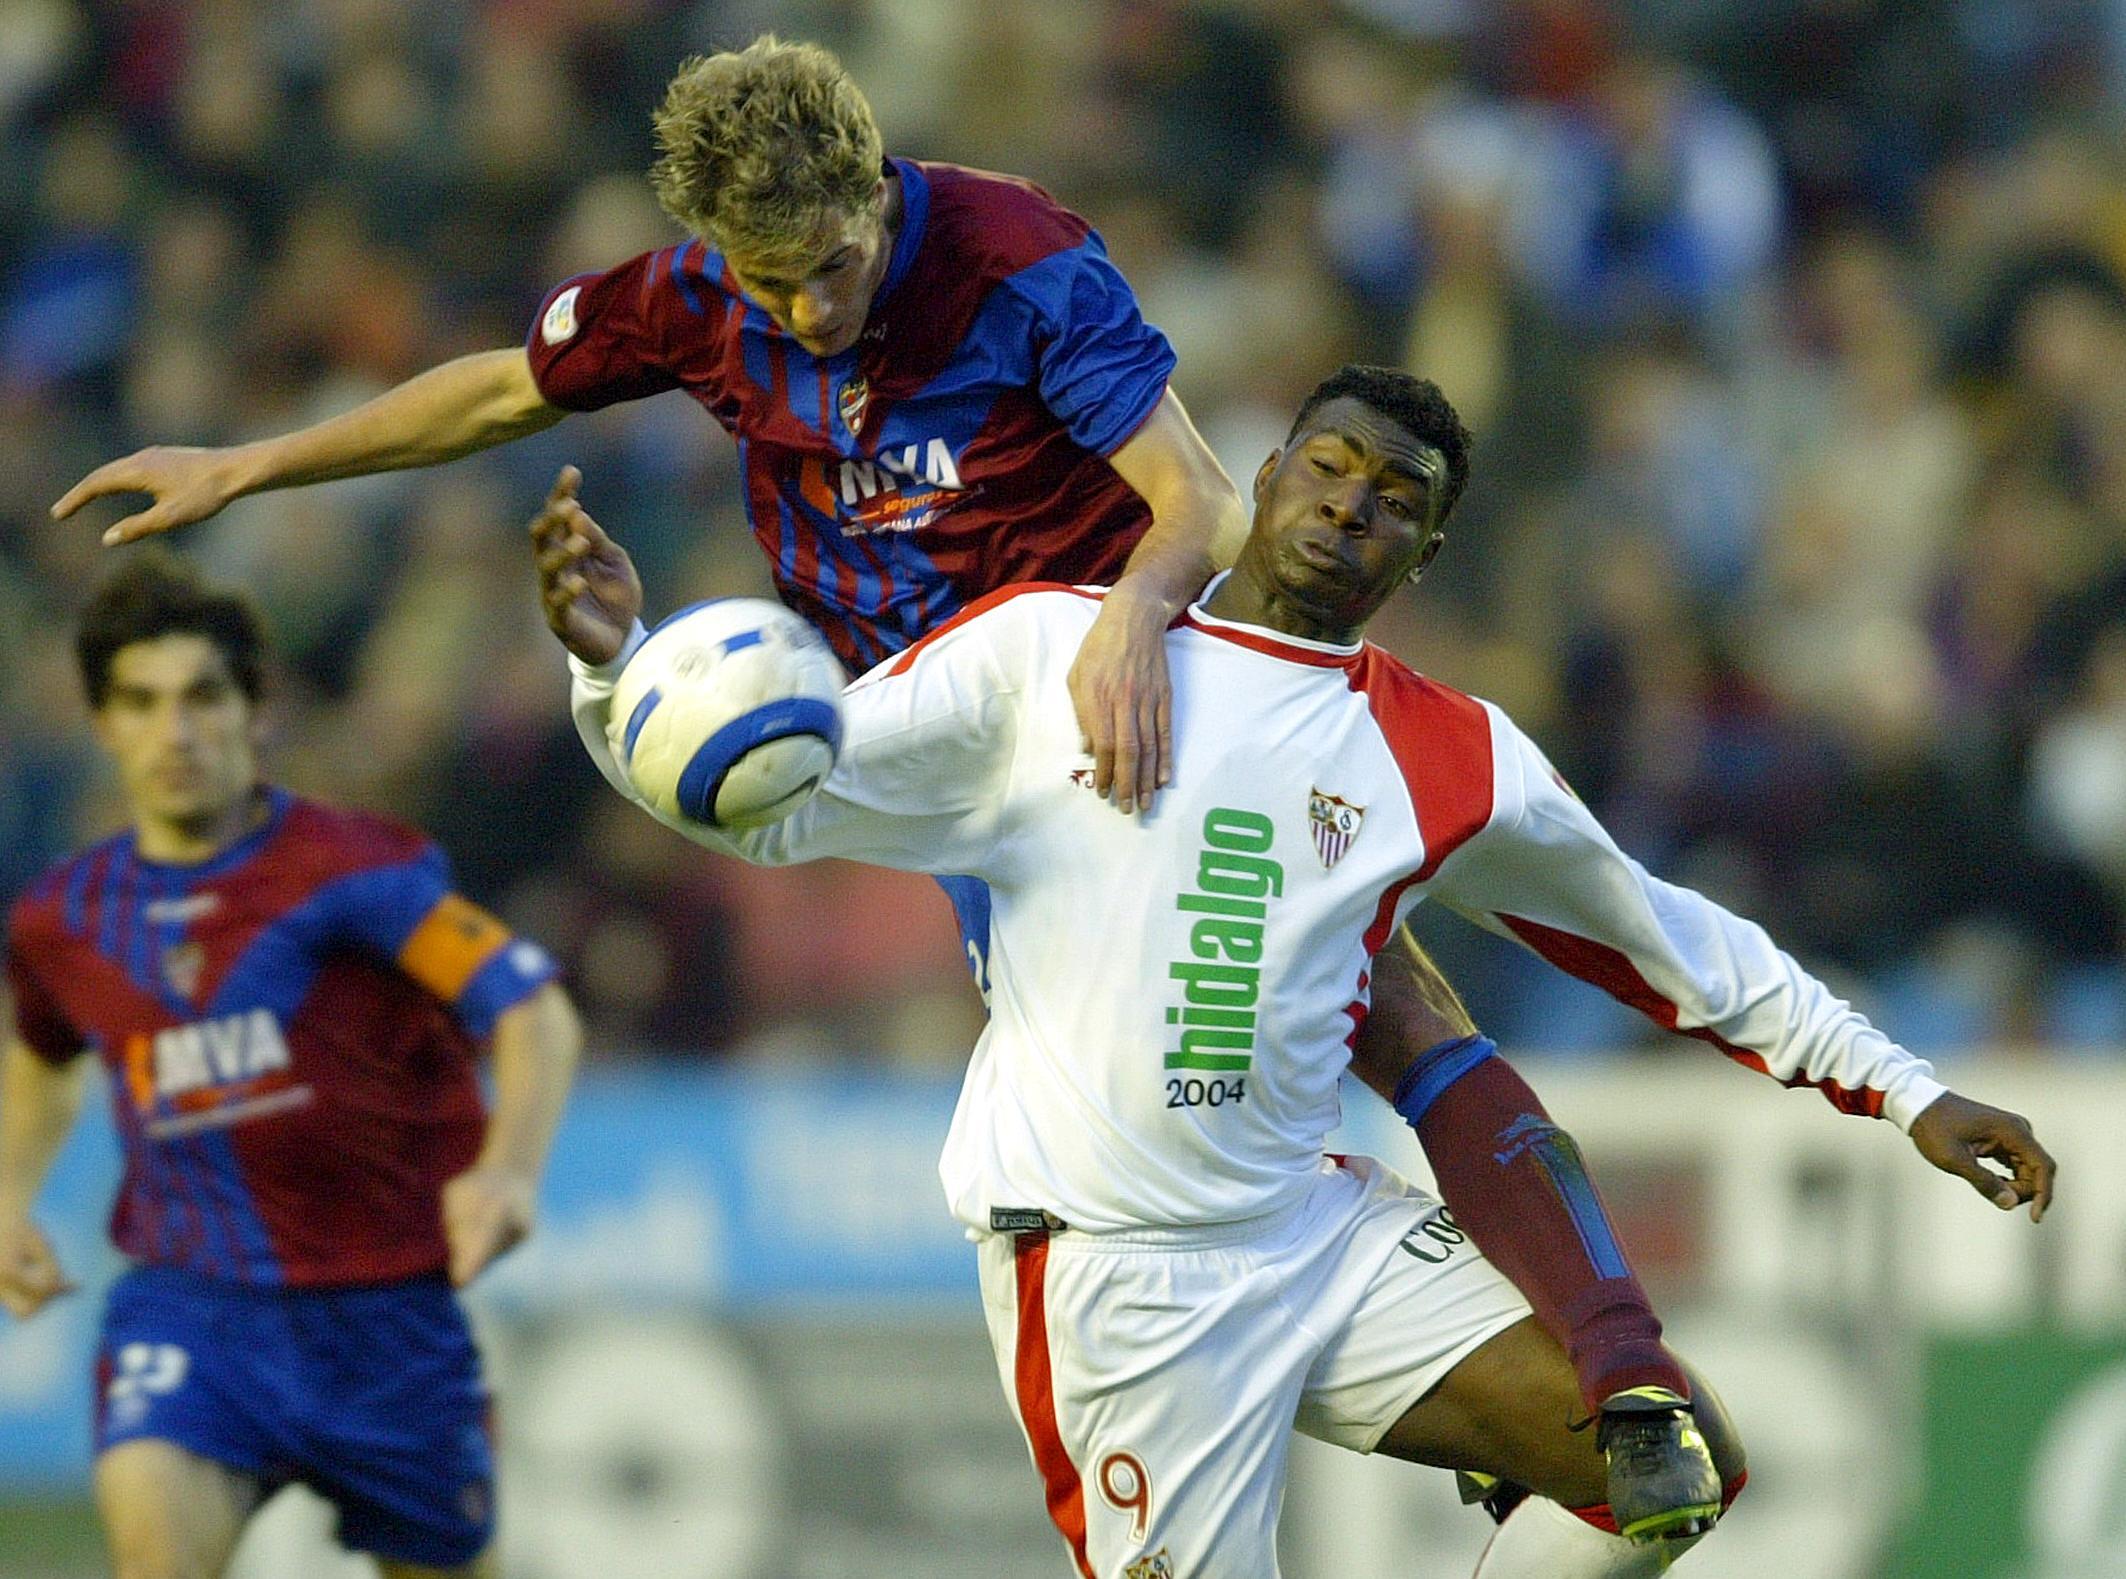 Makukula pelea un balón con Culebras en un Sevilla-Levante disputado en febrero de 2005 (Archivo 20minutos).